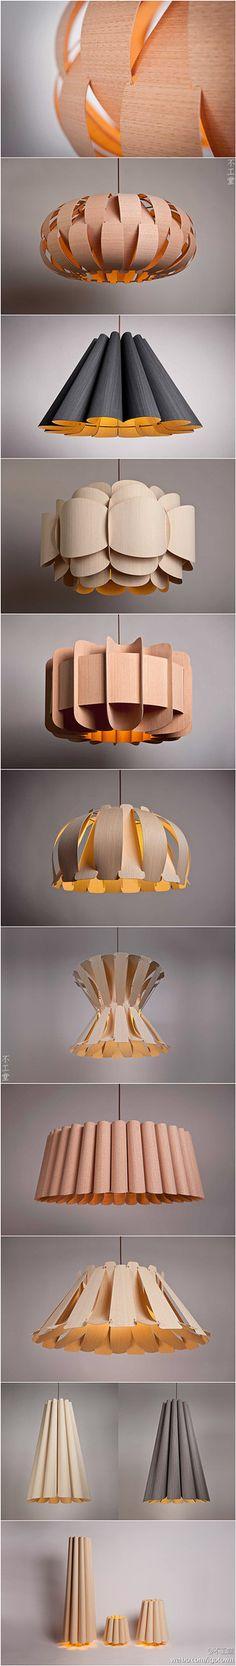 俗话说,一招鲜吃遍天,而灯具品牌WEPLIGHT的一招鲜就是用薄木片做灯罩,设计出各种不同形状和结构,却有着相同温馨光芒的灯具来。不晓得WEPLIGHT是使用了什么工艺,让木皮如此柔软却又不破碎,才能达到这样的效果。 - 堆糖 发现生活_收集美好_分享图片